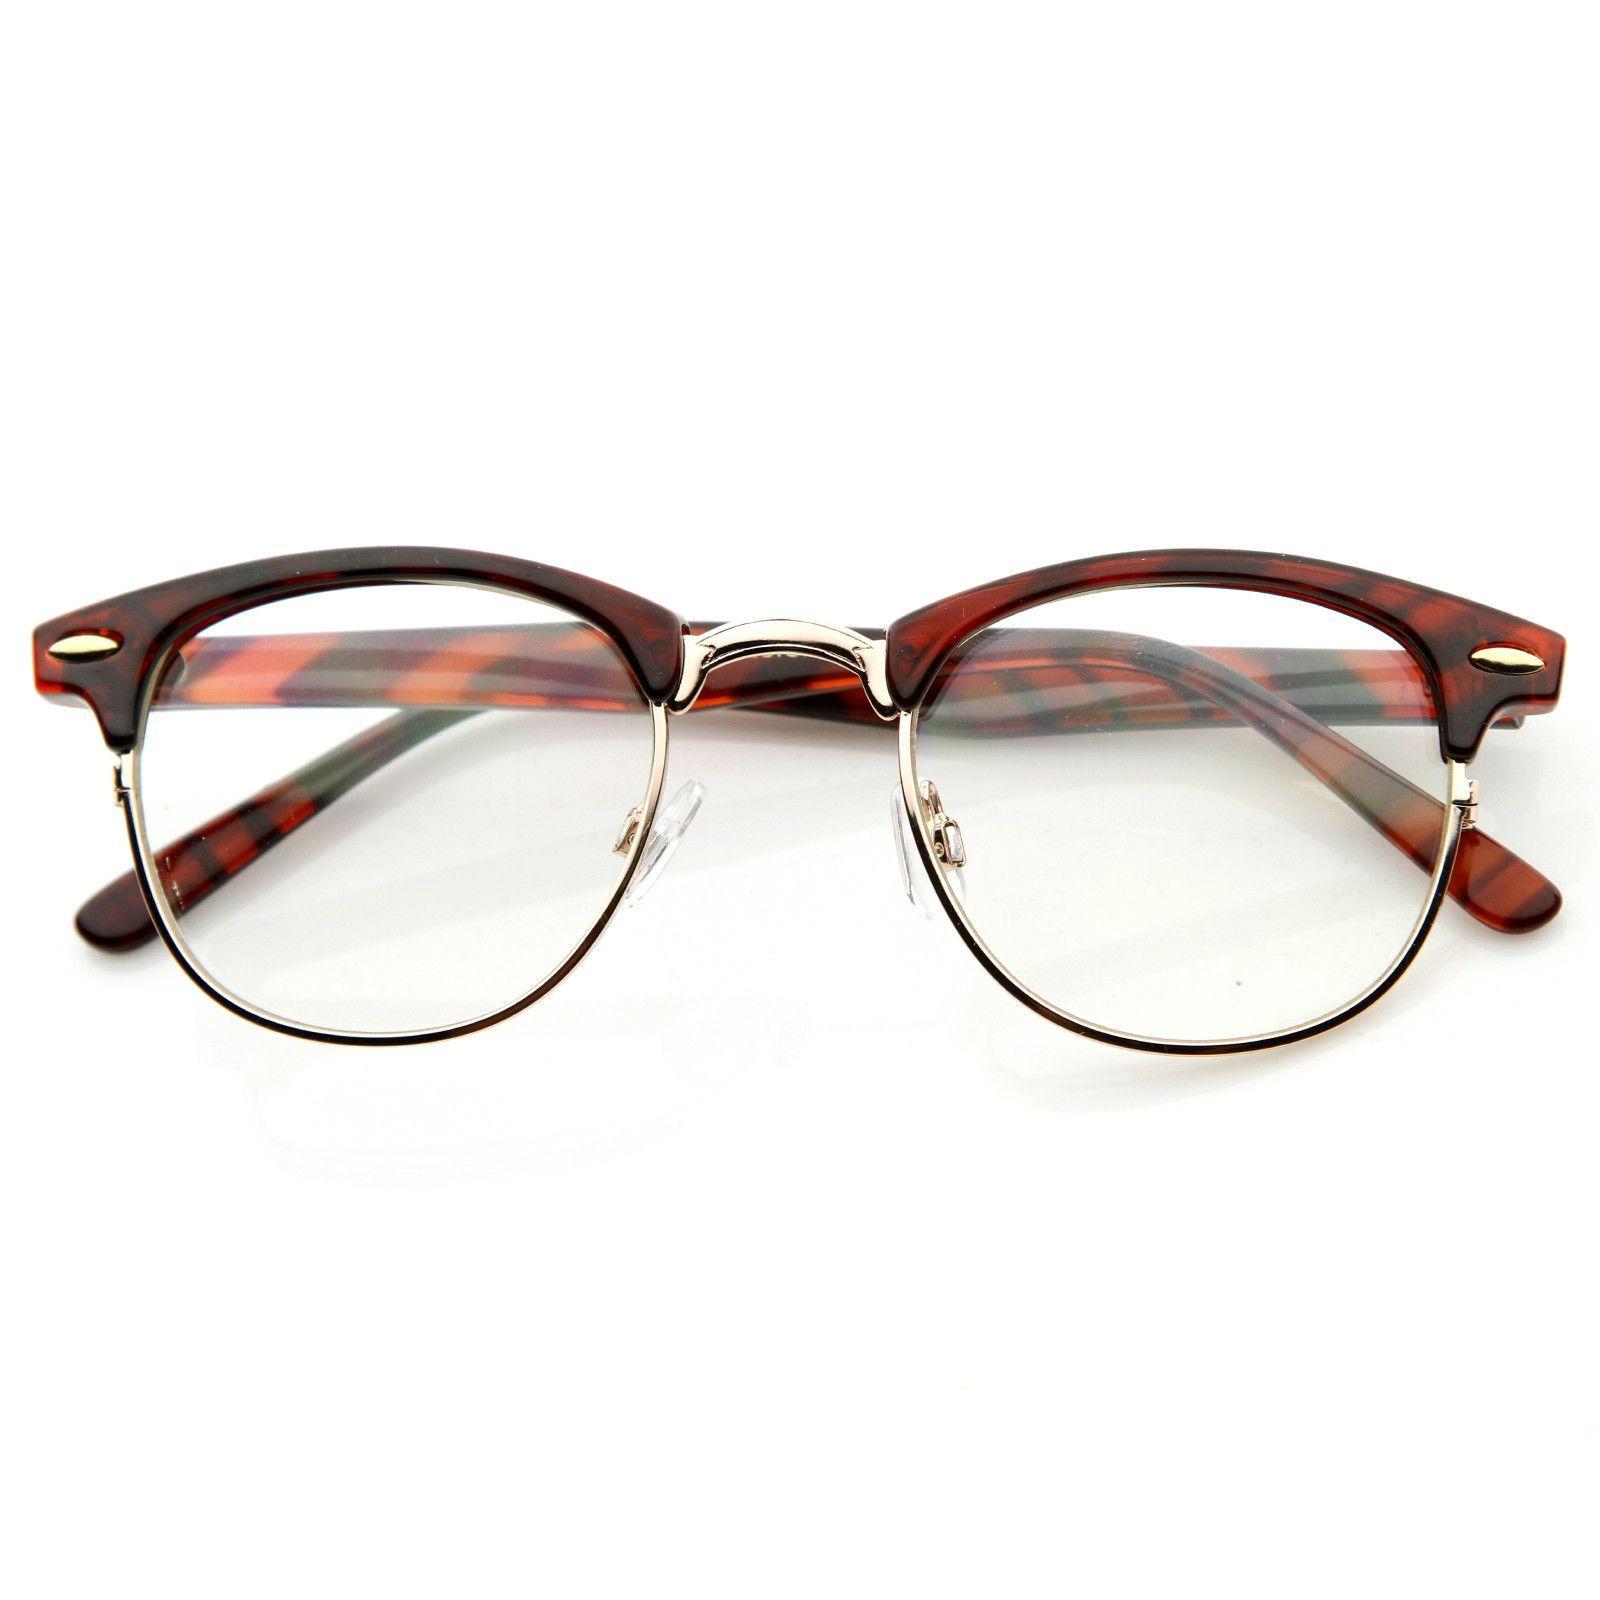 ba8311a221 Vintage Optical RX Clear Lens Half Frame Glasses 2946 49mm